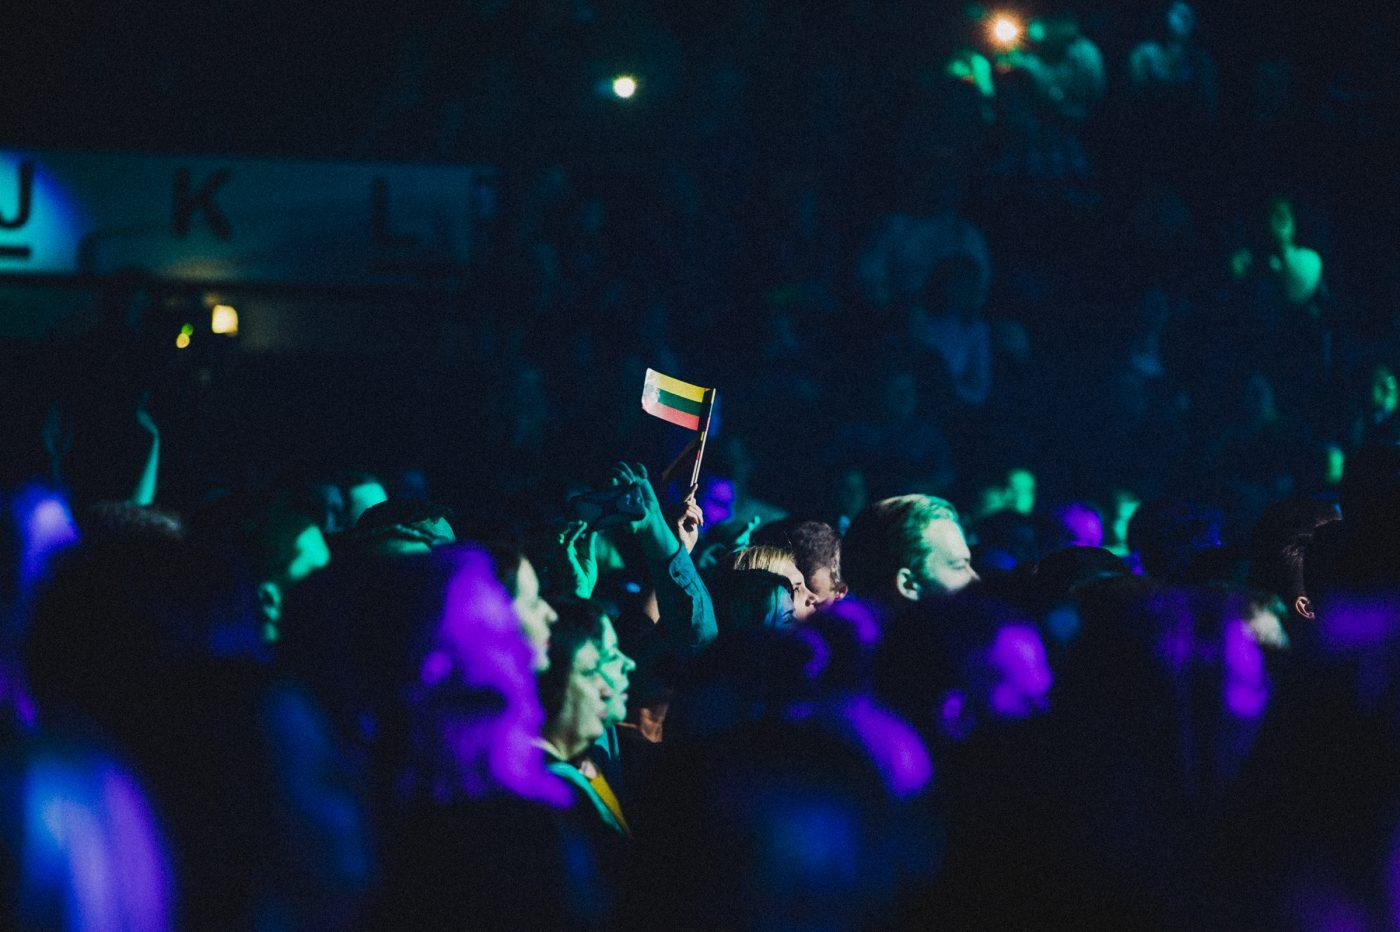 Sabaliauskaite Foto Andrius Mamontovas Event Klaipeda 006